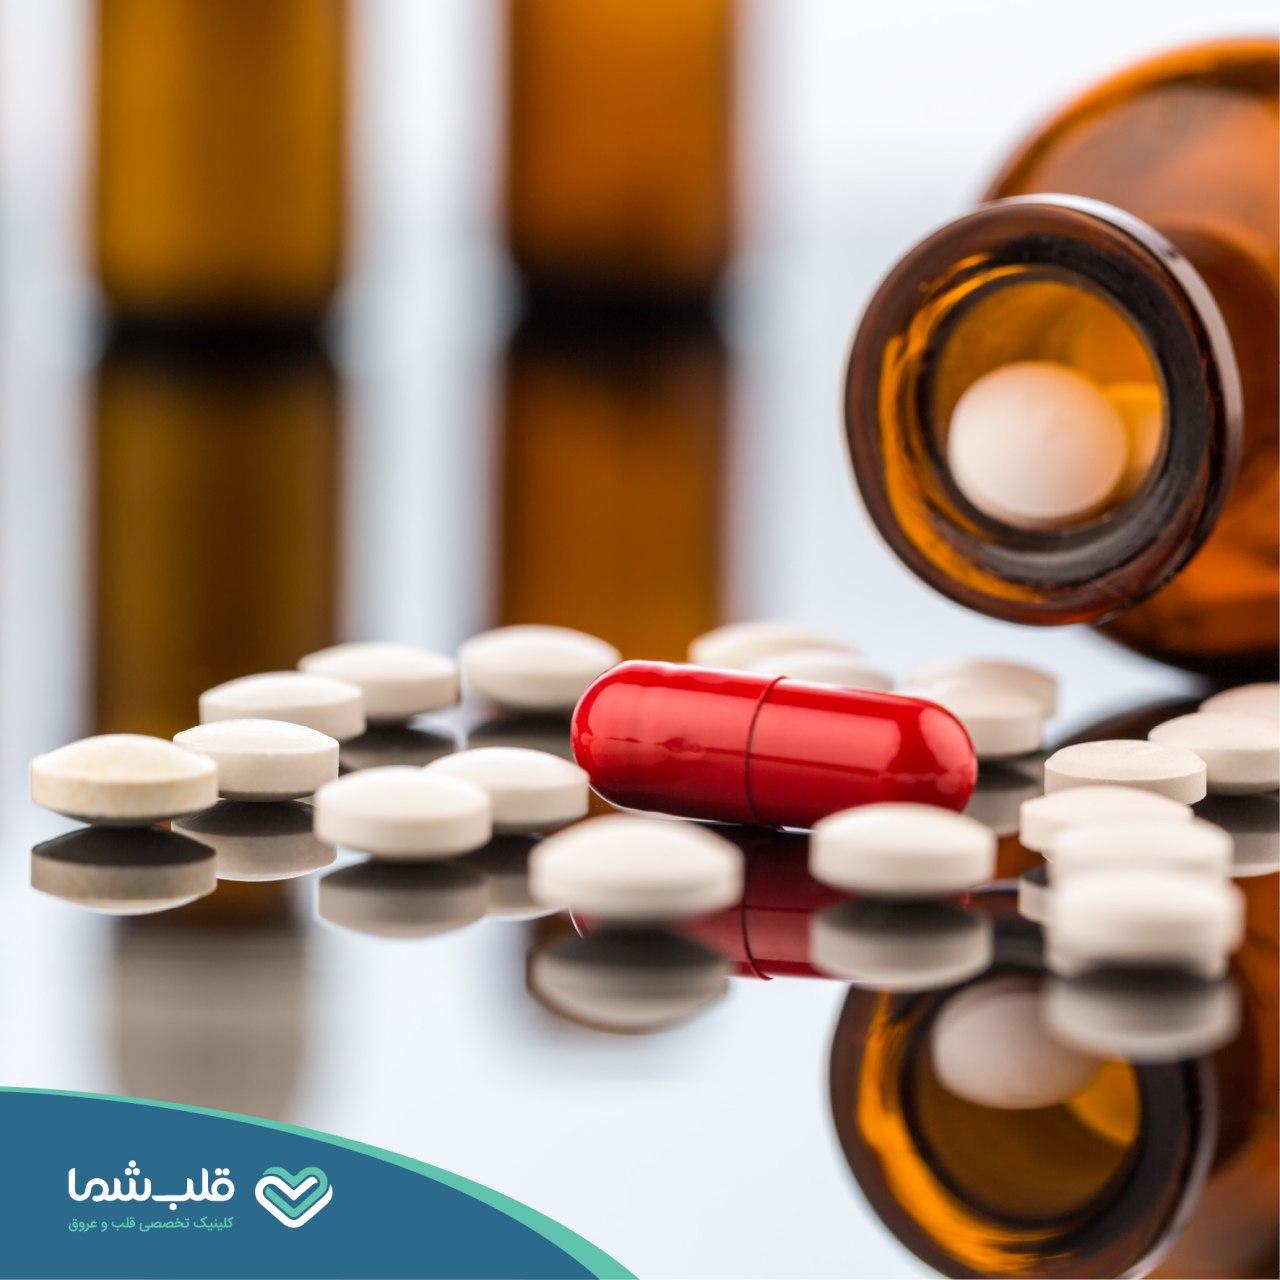 نام اصلی داروهایی که مصرف می کنید را بدانید